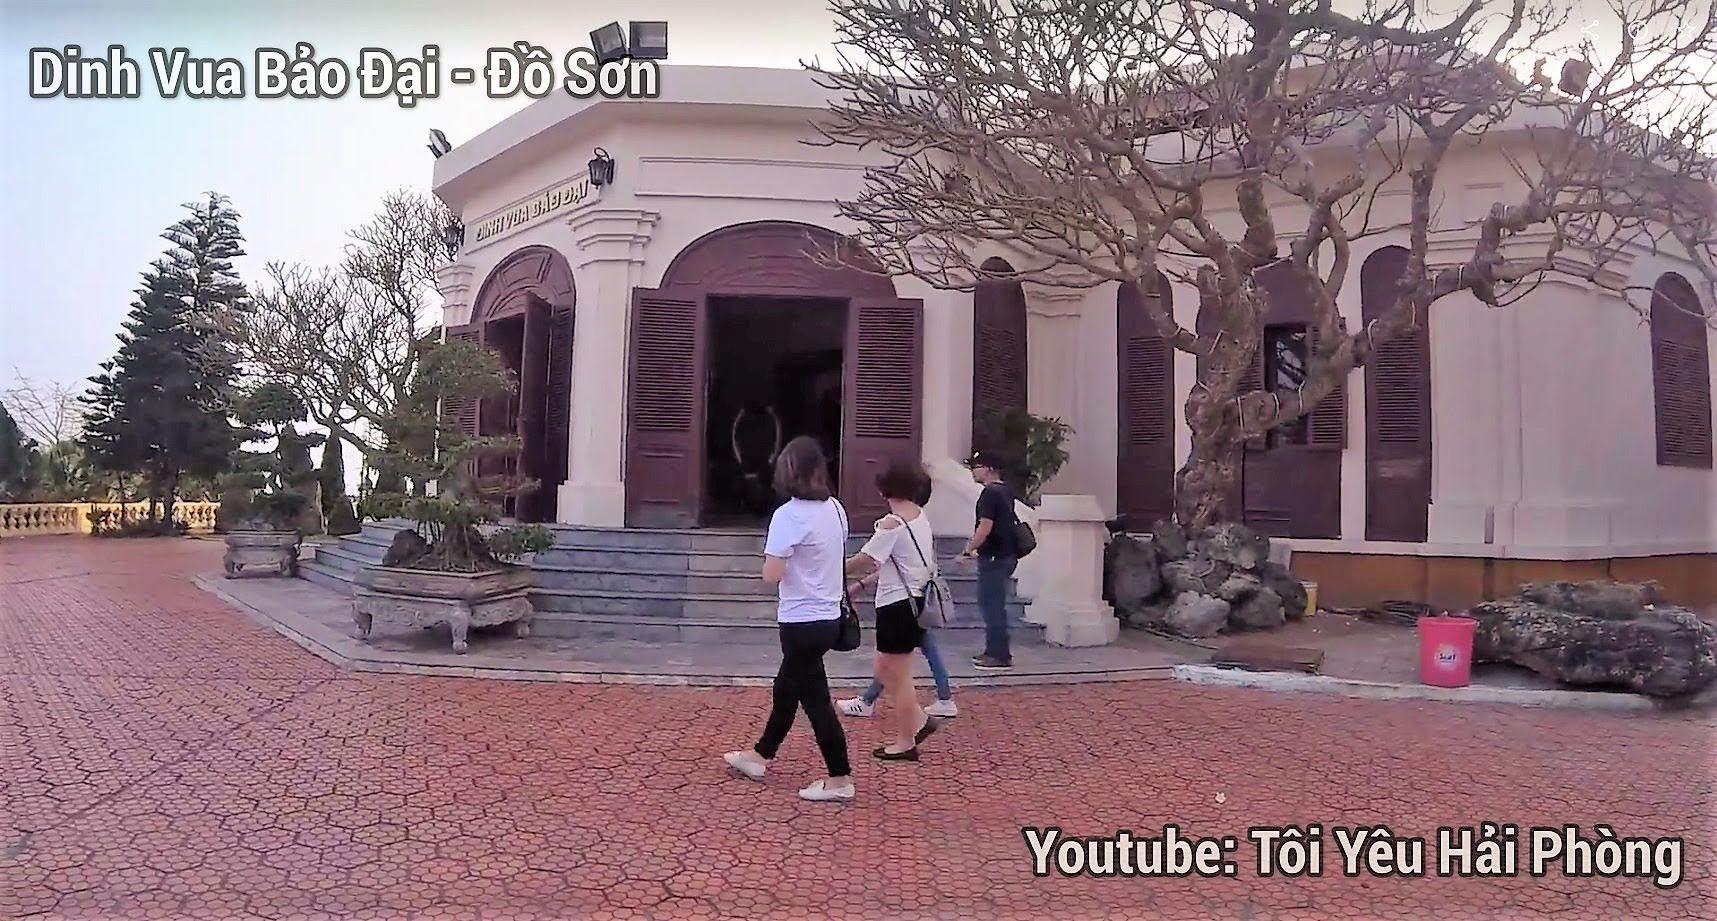 Điểm check in chụp ảnh Dinh Vua Bảo Đại ở Đồ Sơn Hải Phòng 1